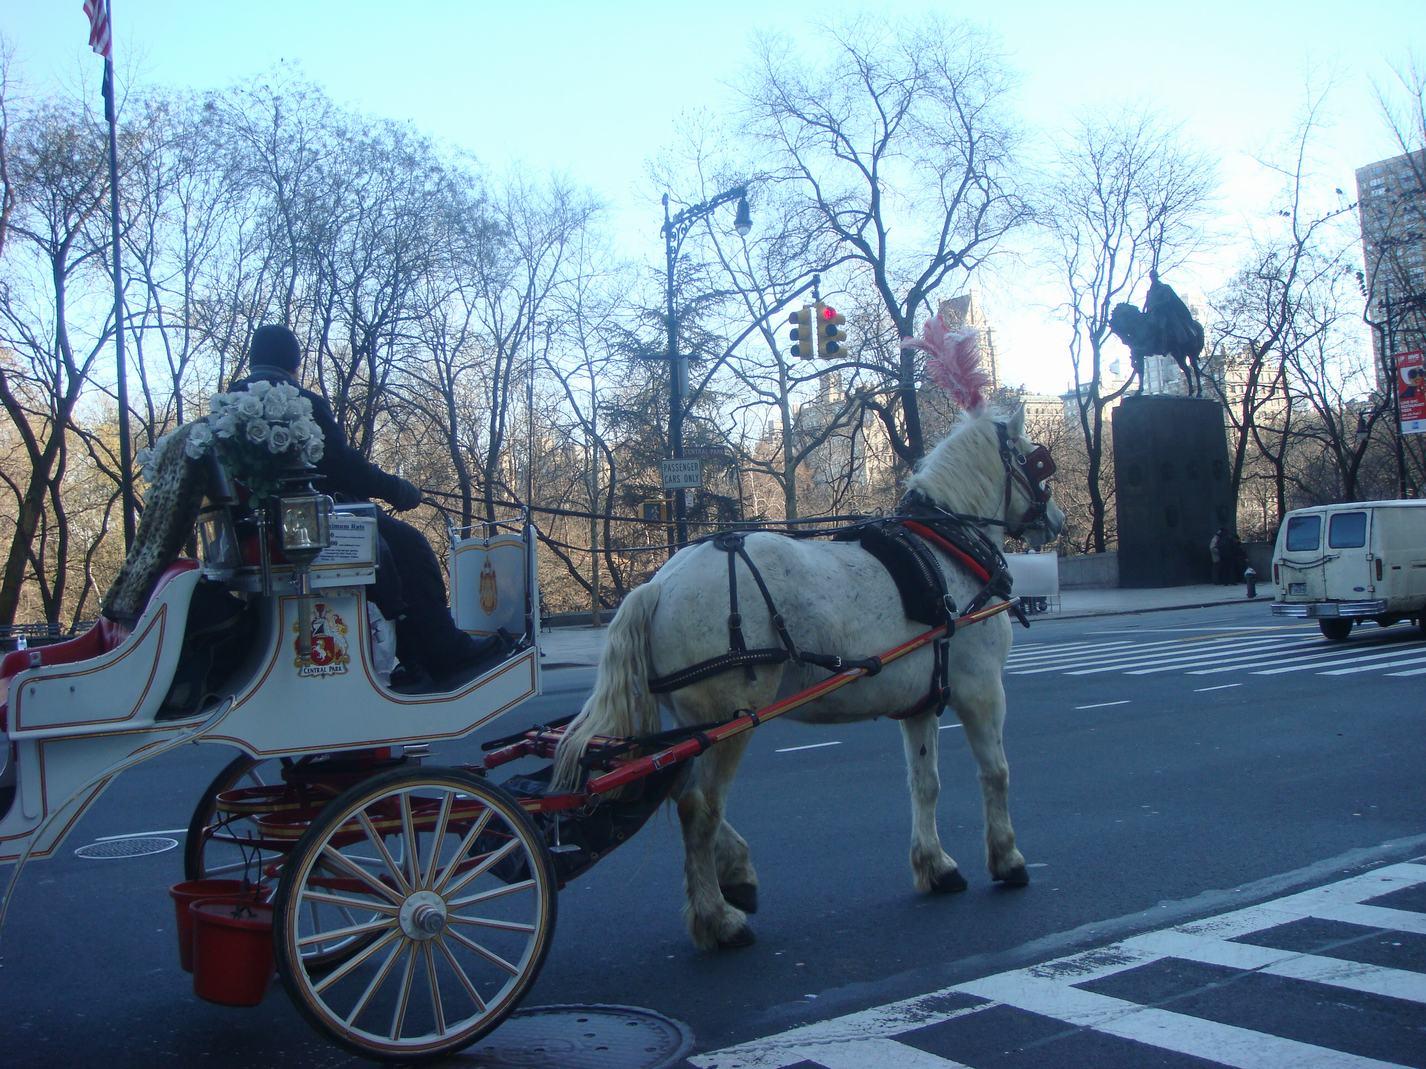 ニューヨークの街の中の散歩、_d0100880_2310739.jpg